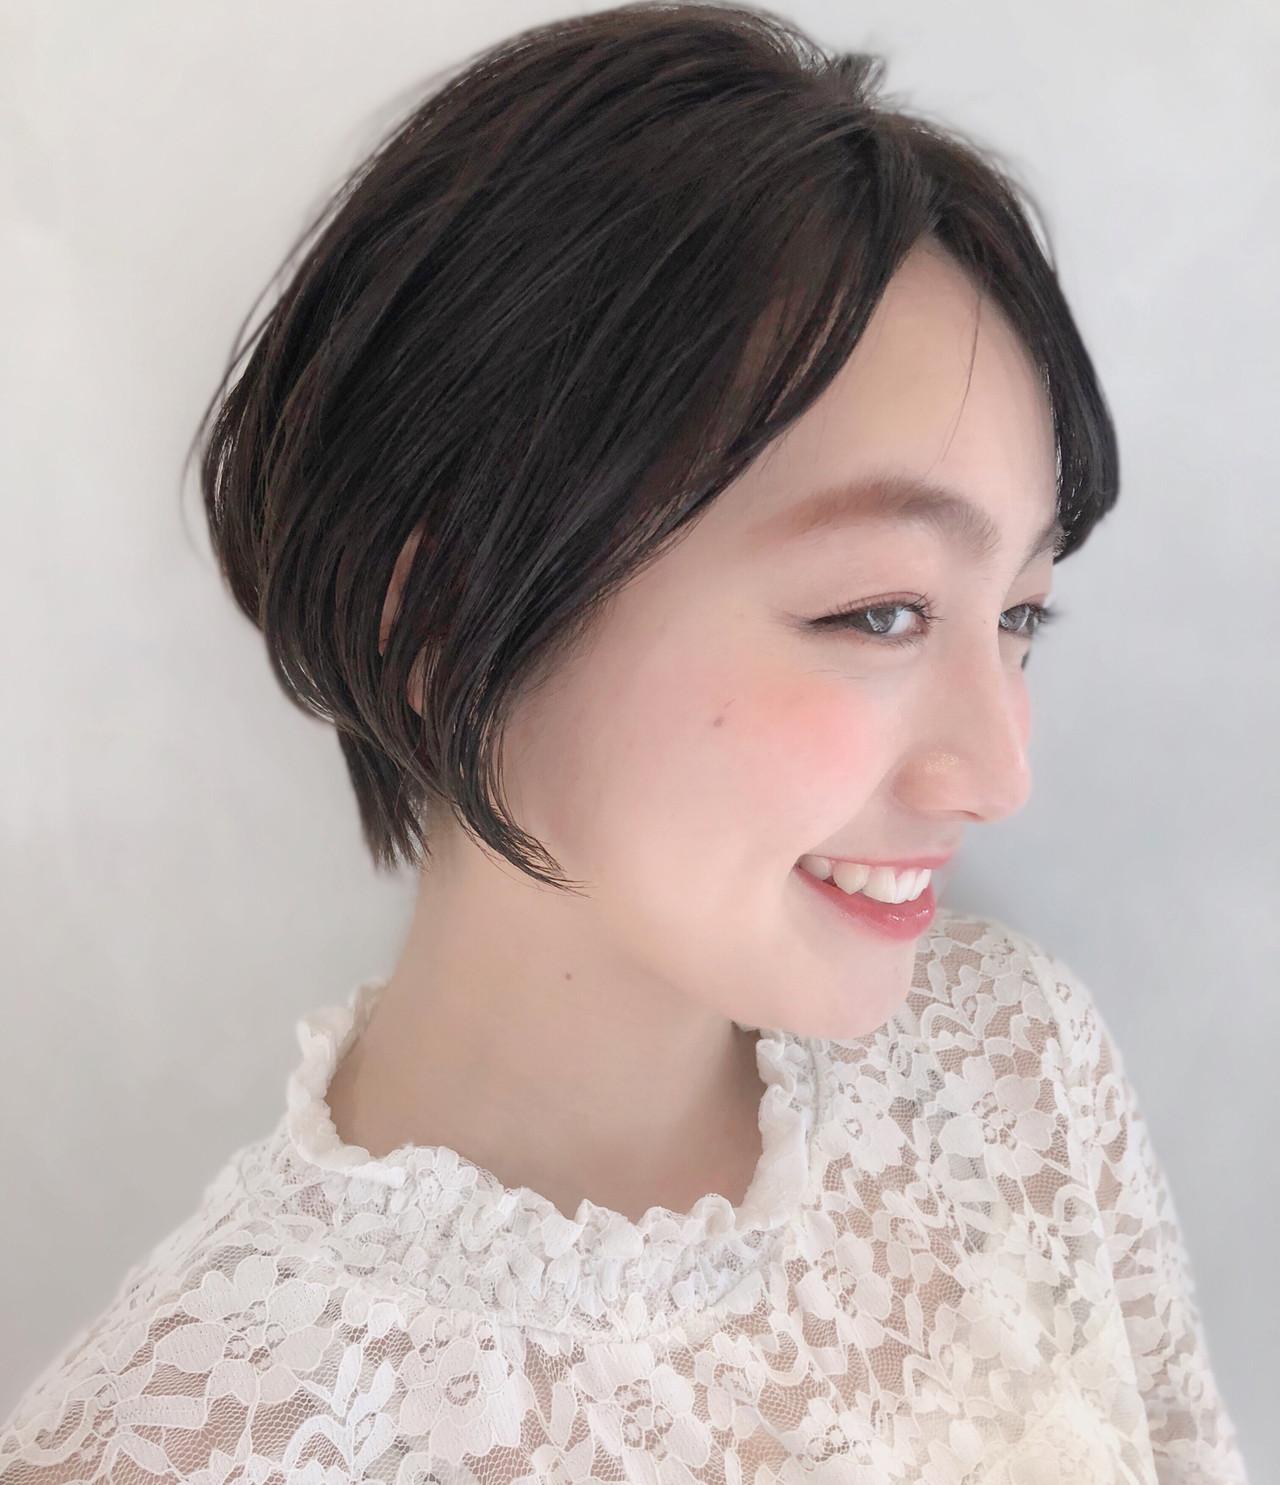 デート ヘアアレンジ 簡単ヘアアレンジ ナチュラル ヘアスタイルや髪型の写真・画像